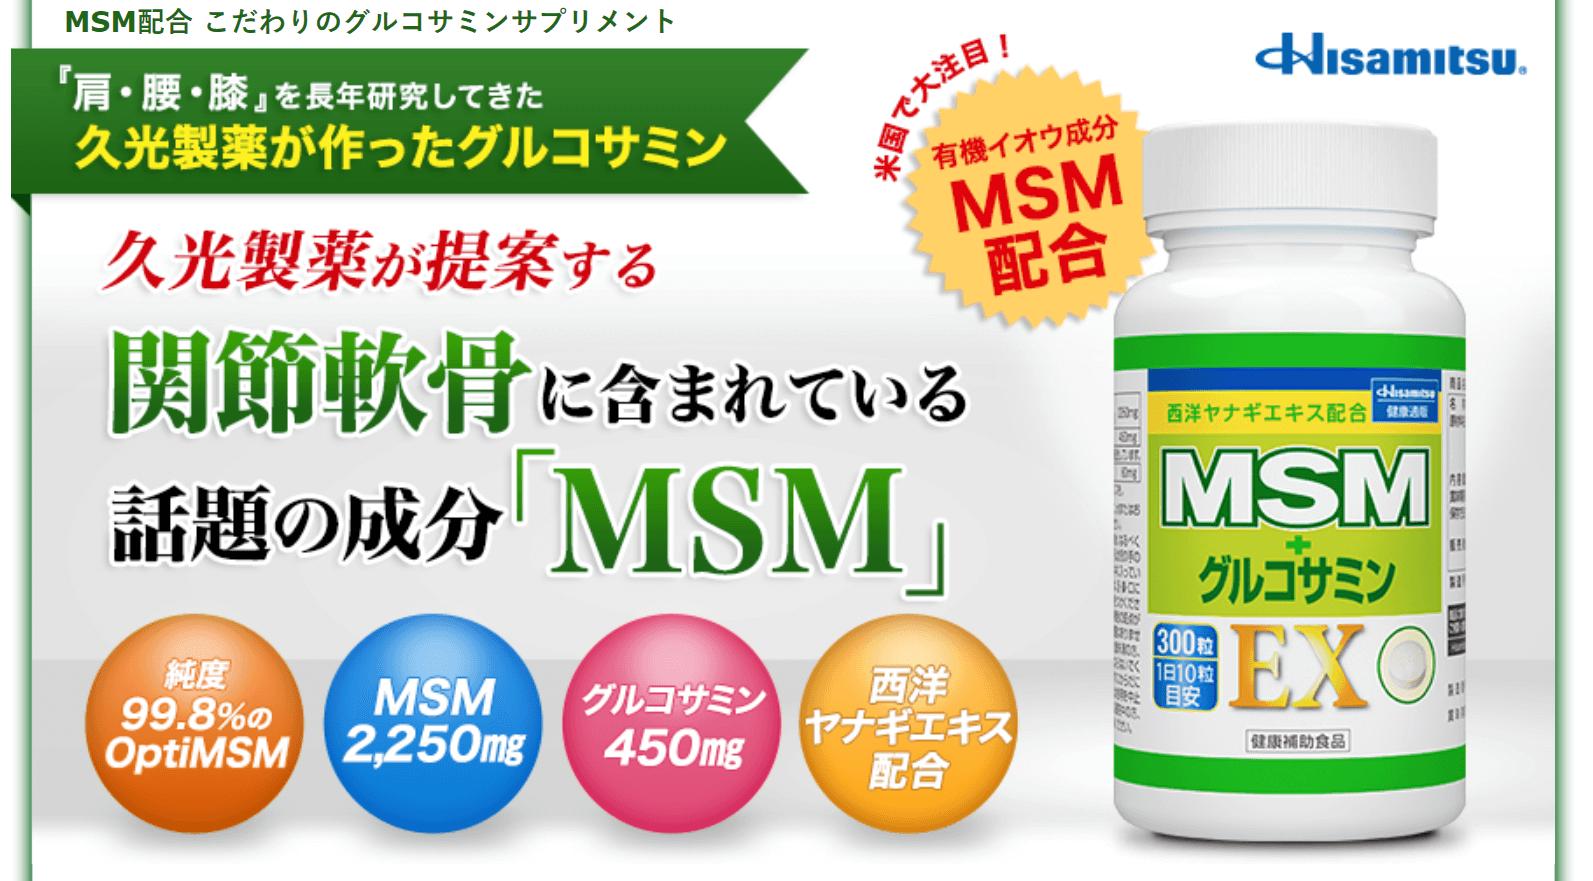 久光製薬MSM+グルコサミン|口コミで大人気!効果や副作用についてご紹介